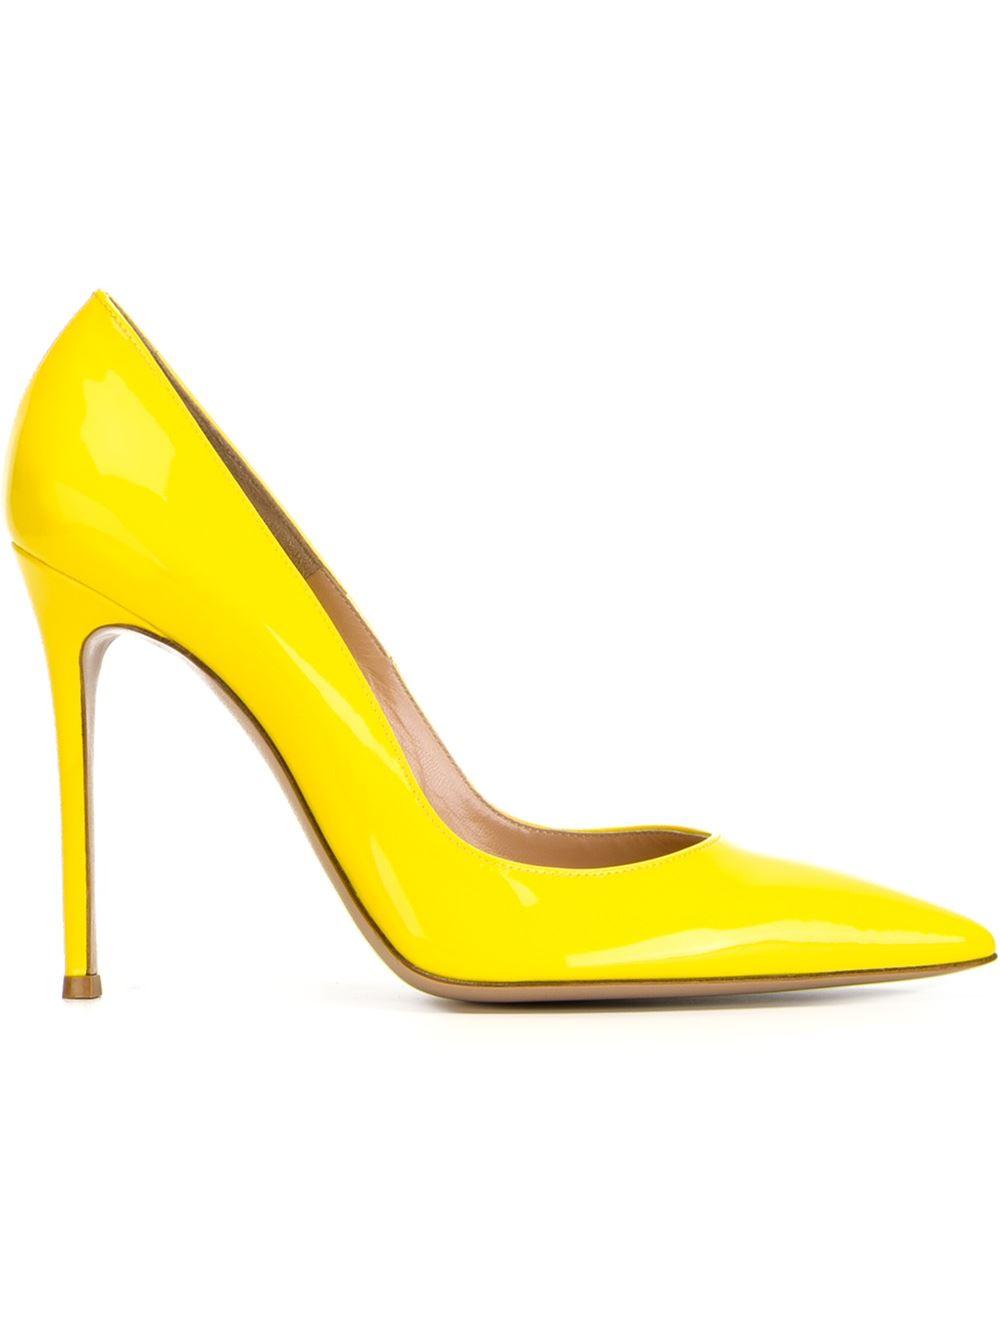 Yellow High Heels Shoes Uk